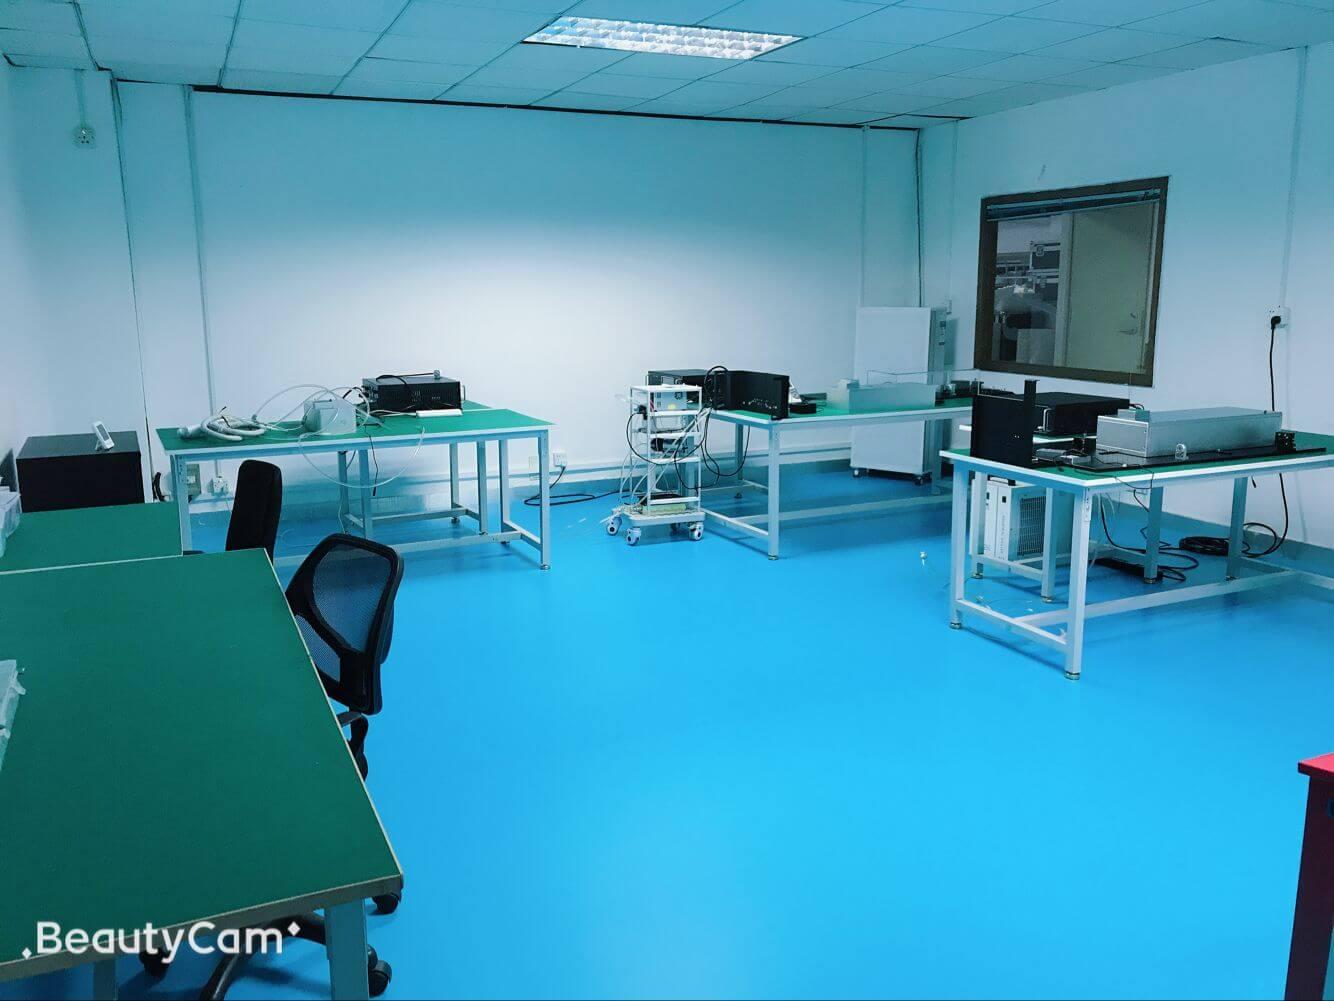 laboratorio de máquina láser picosure